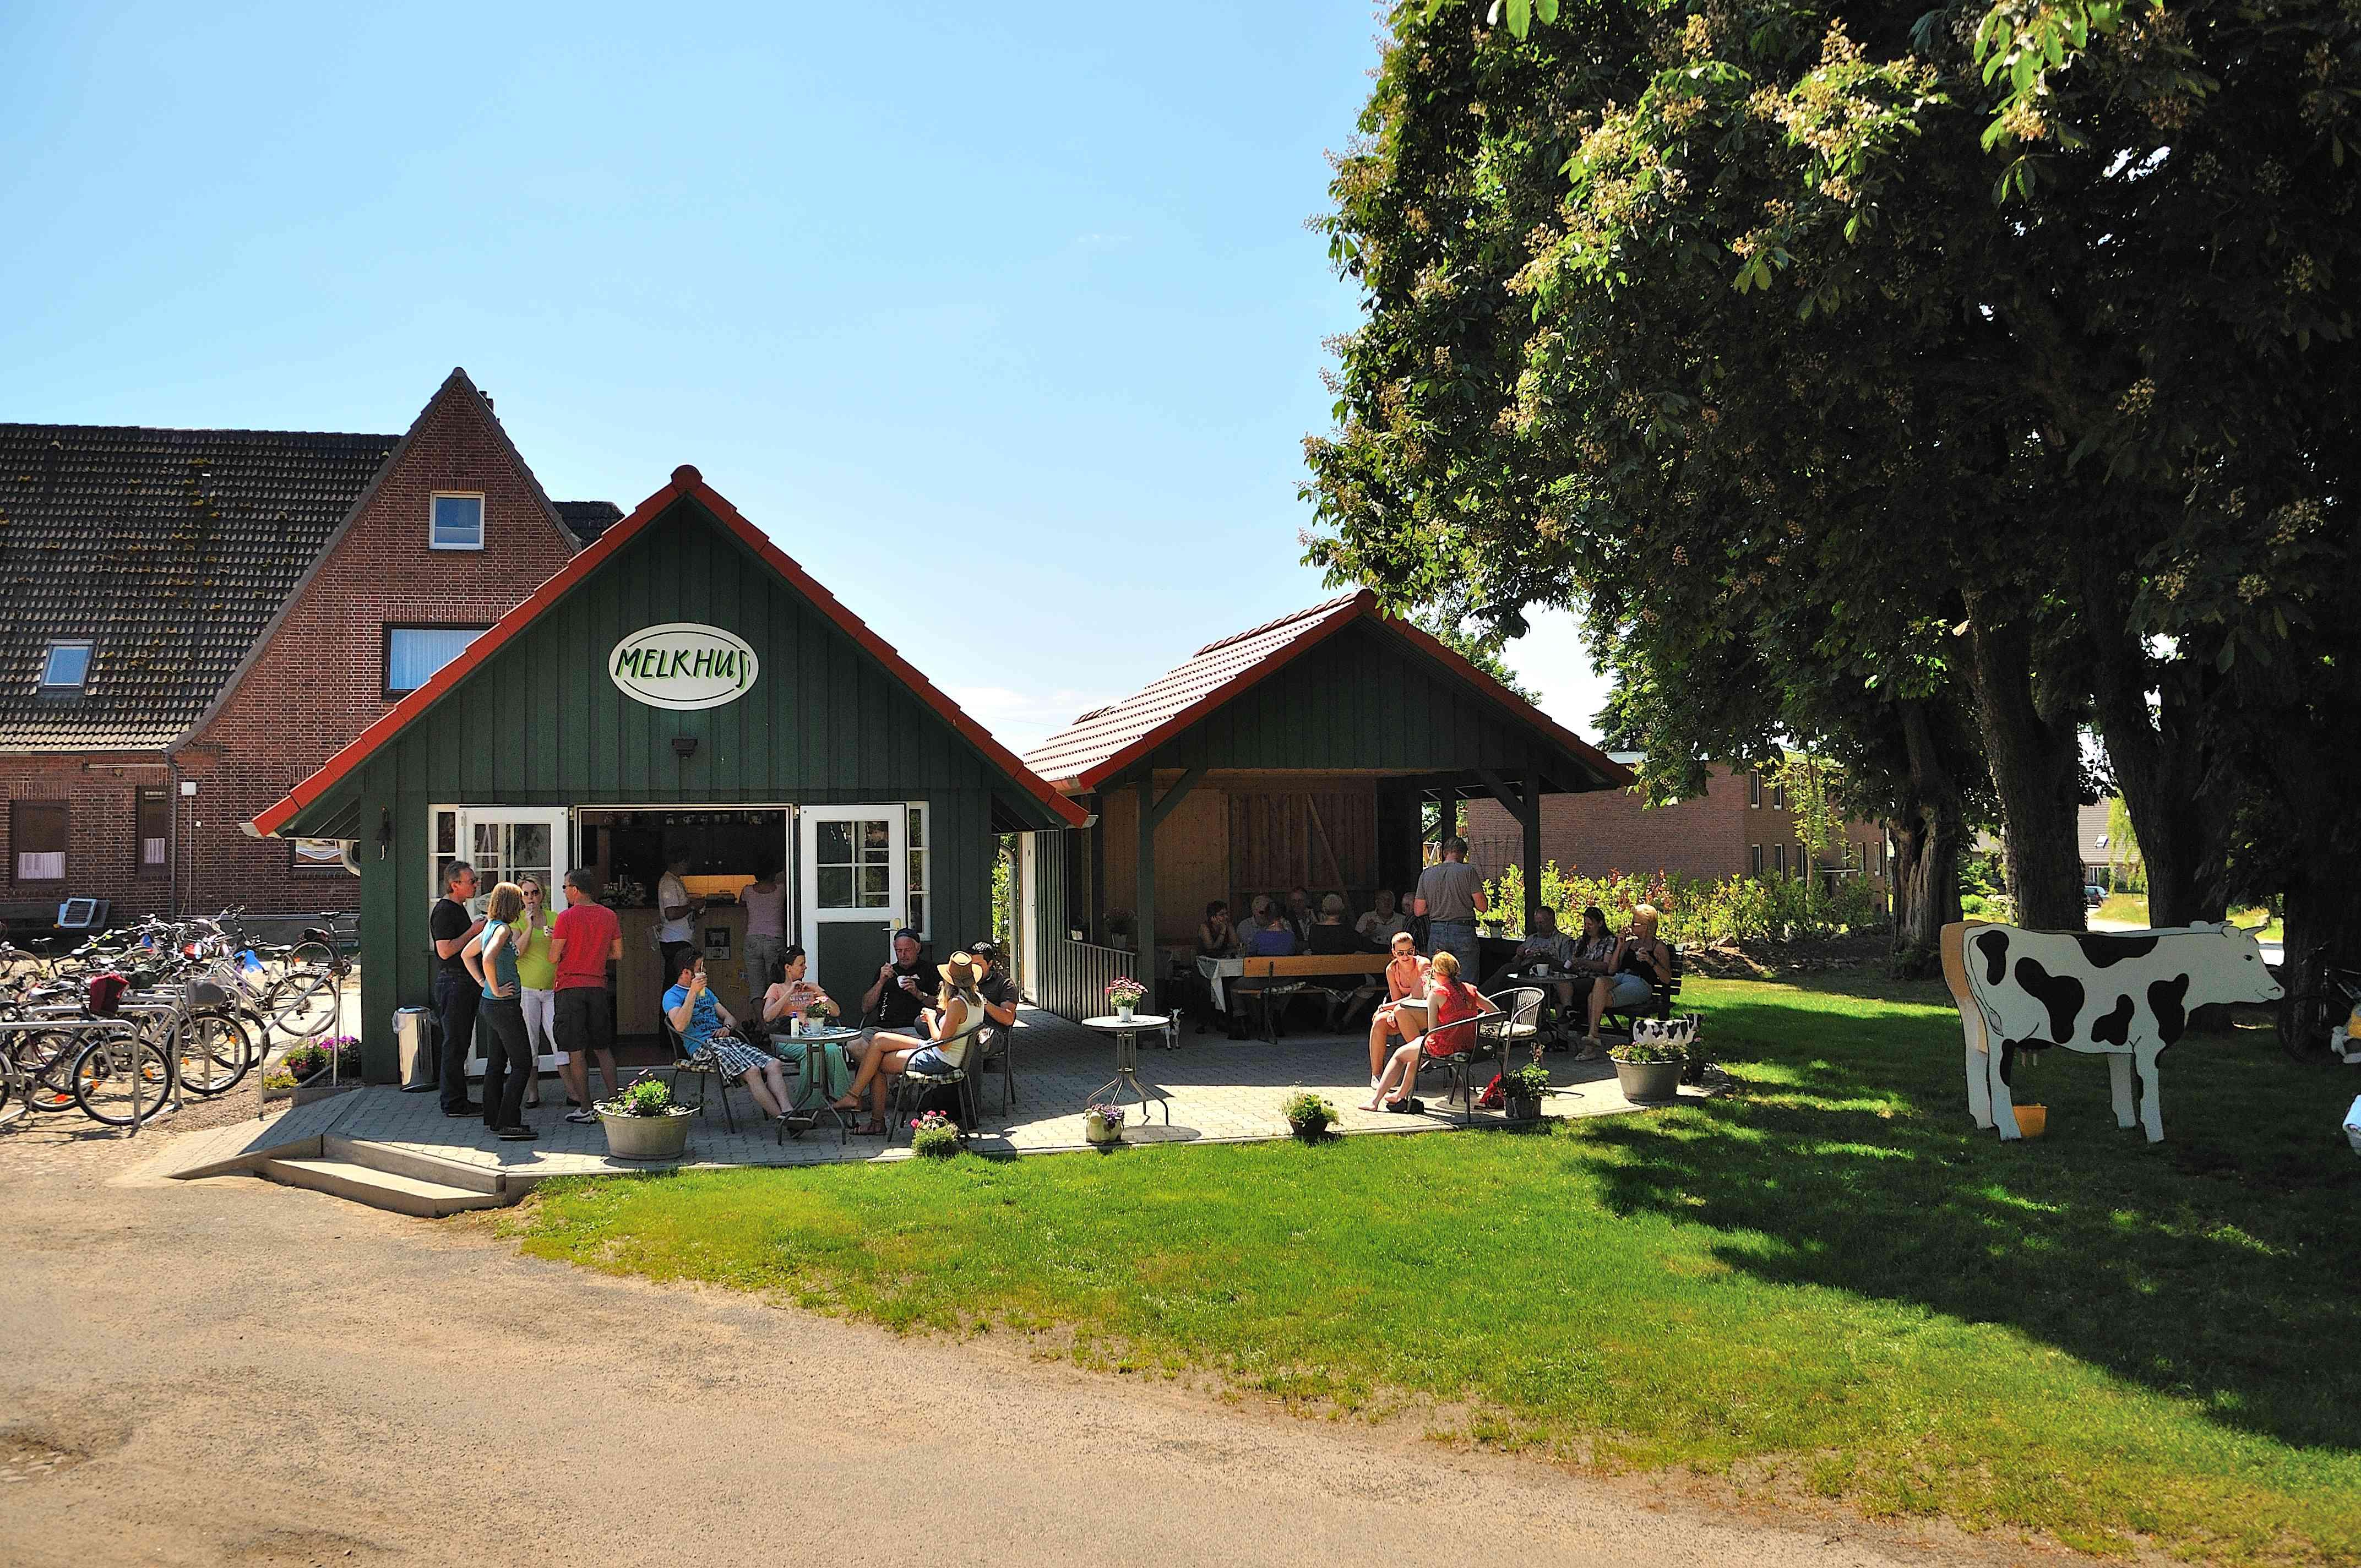 Besucher auf dem Bauernhof stehen vor dem kleinen grün-weißen Melkhus-Anbau mit rotem Pfannendach